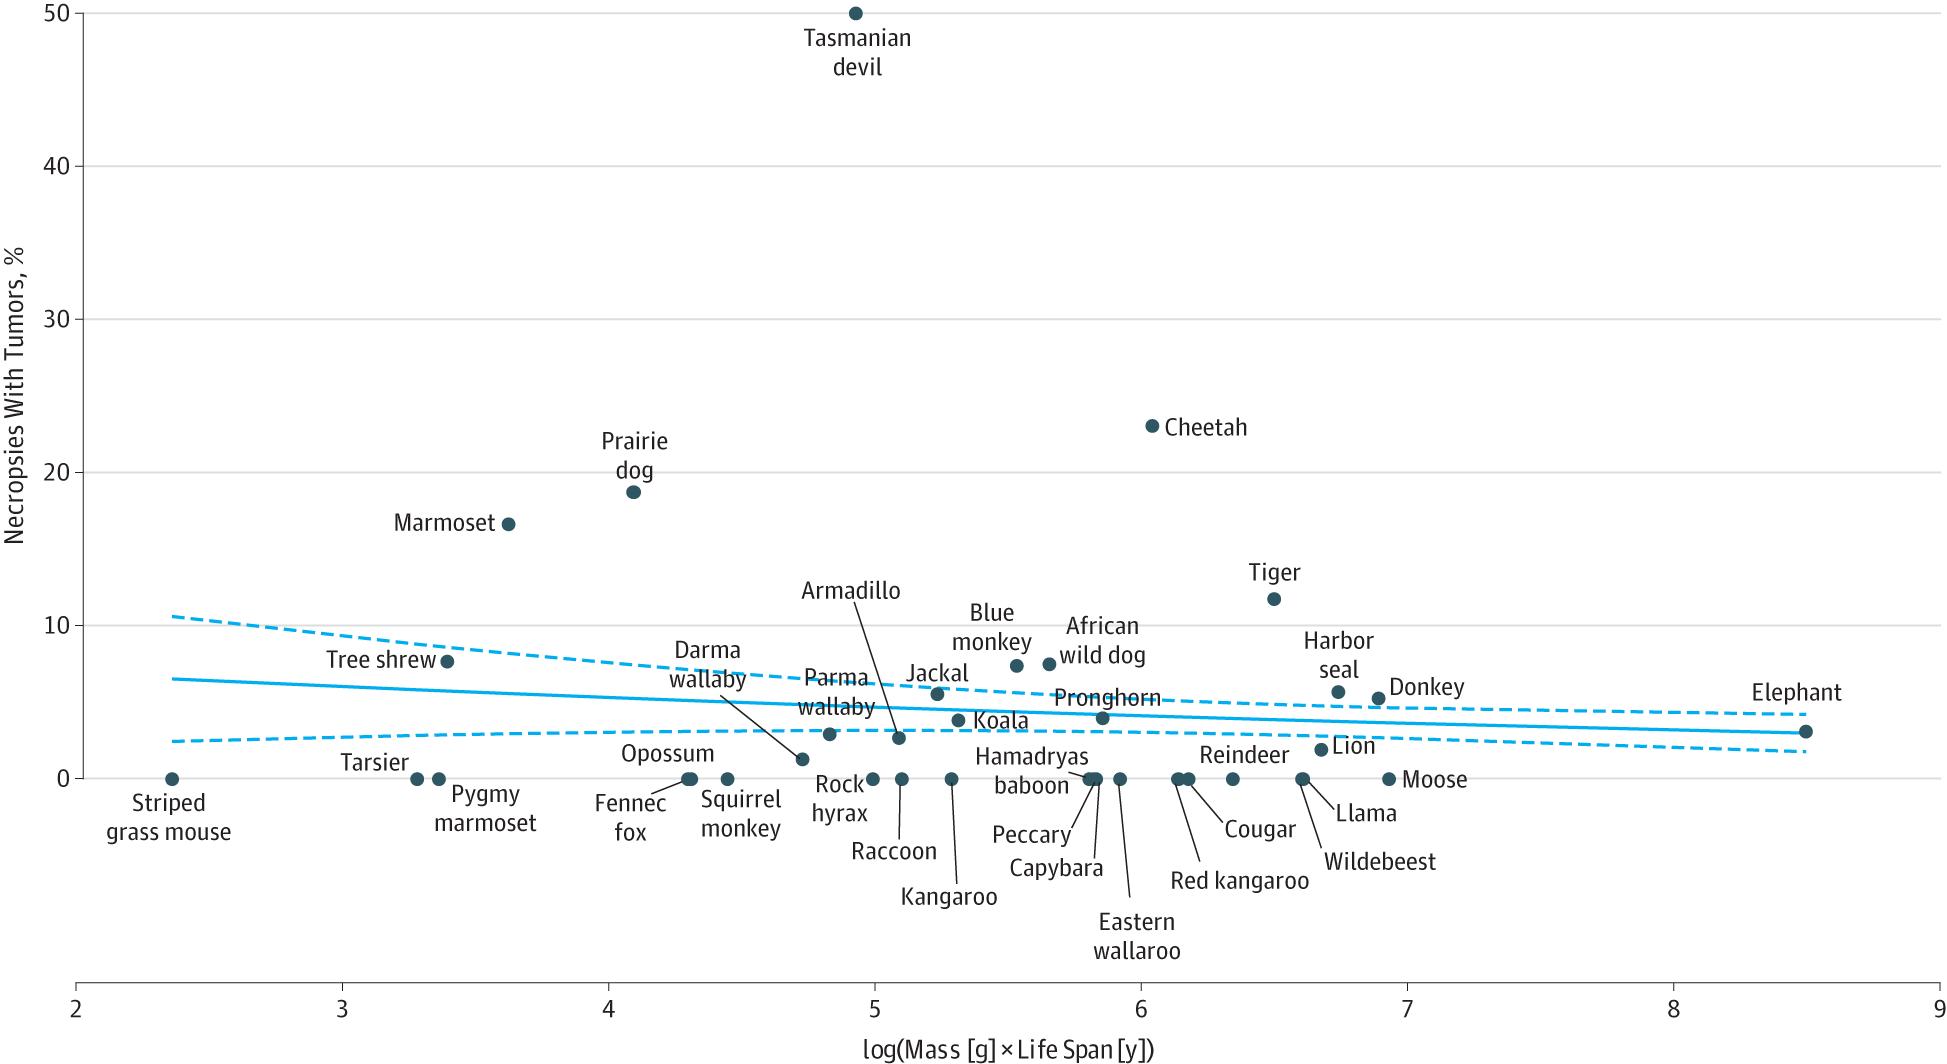 動物毎の癌化死亡率